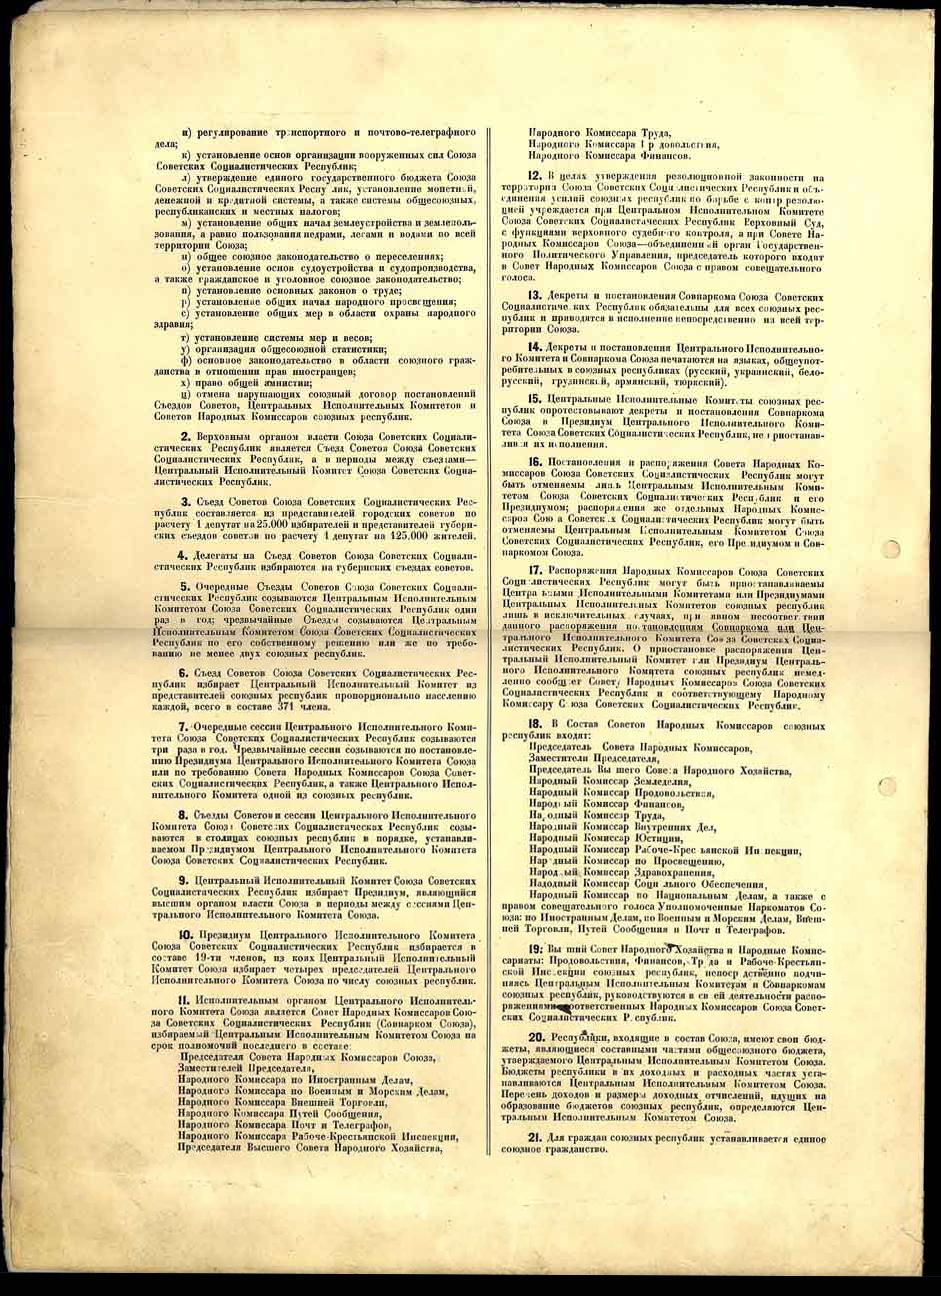 союзн договор об ссср л2